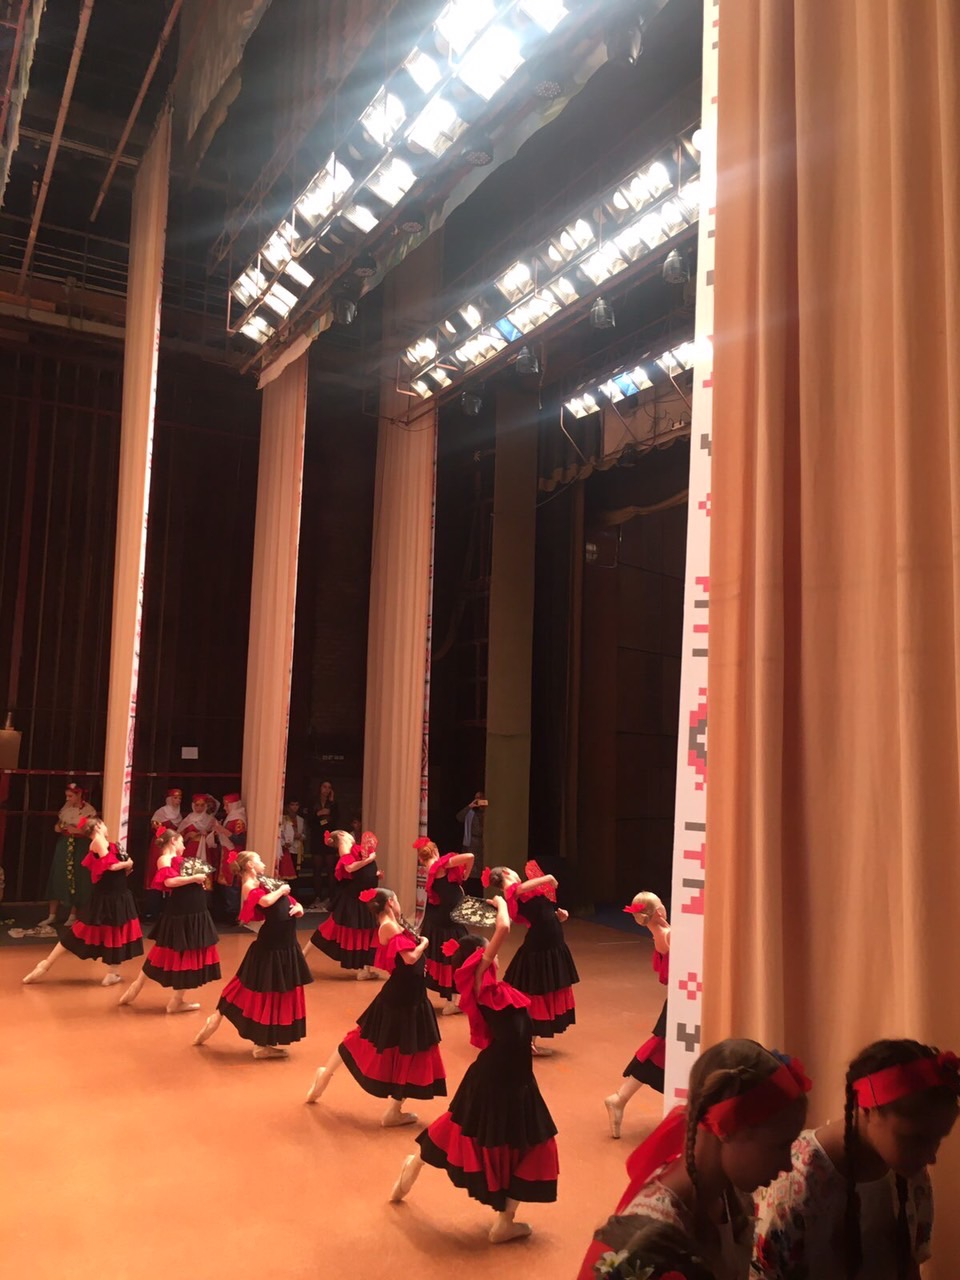 В Запорожье прошел всеукраинский фестиваль хореографии (Фото)